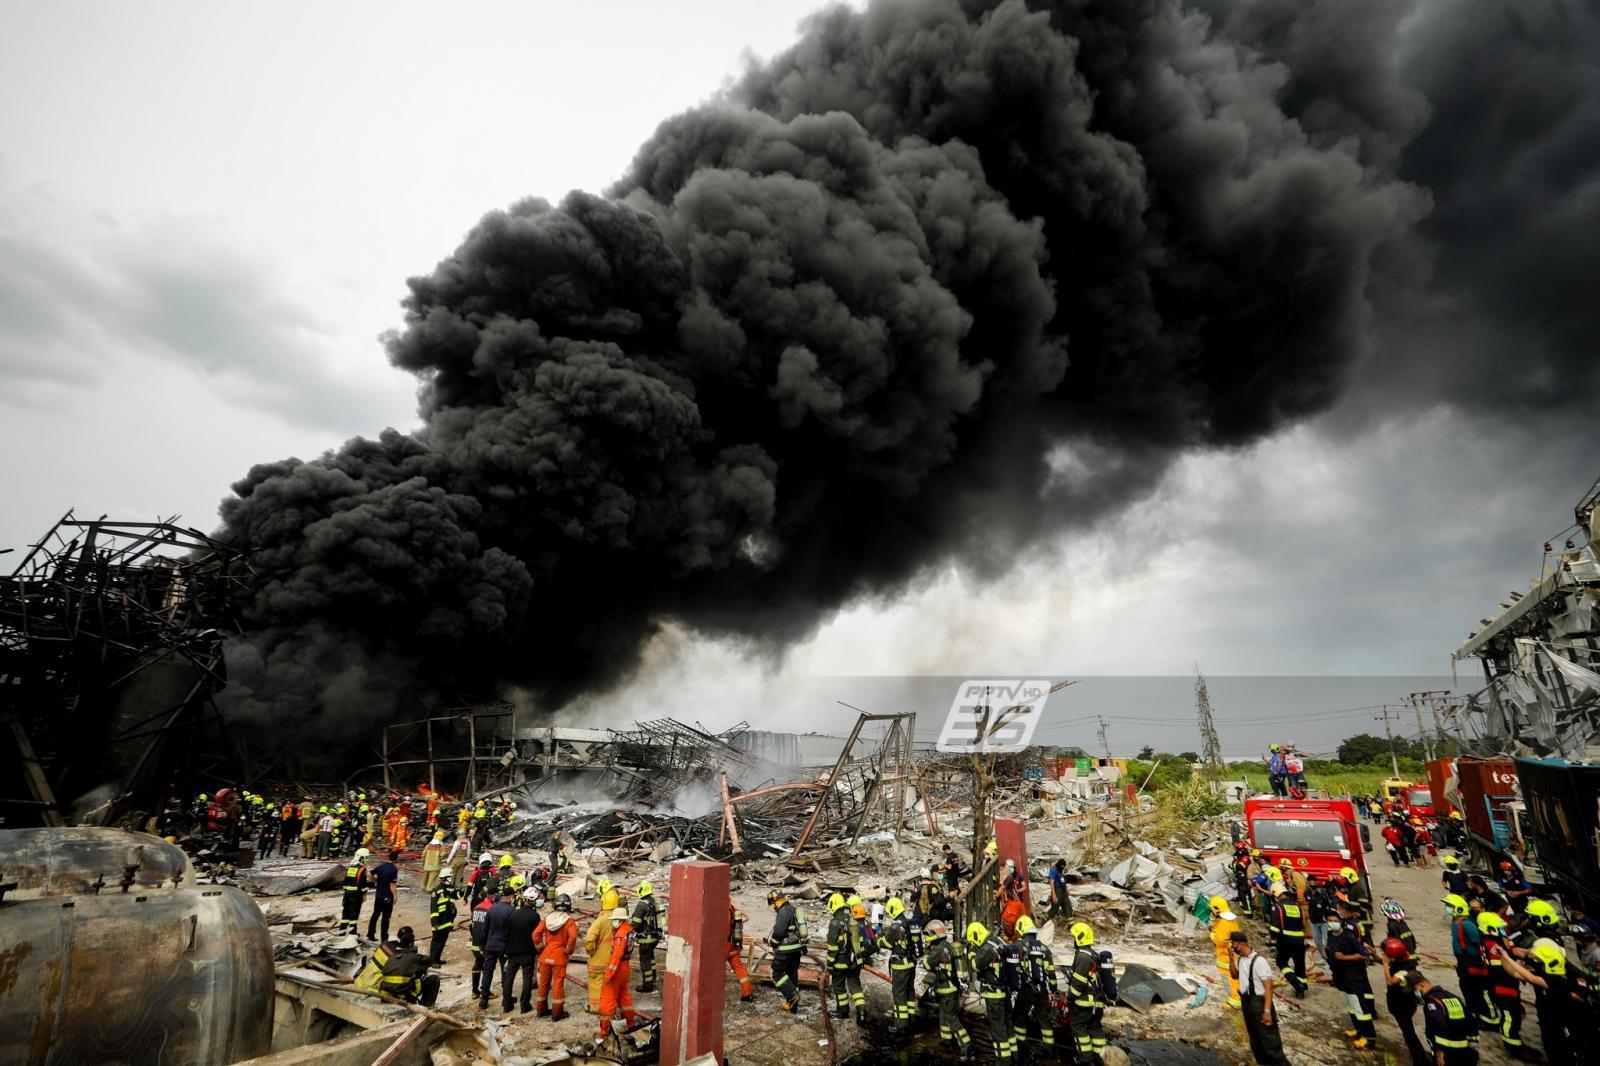 ฮ.ไร้ผล ไฟโหมกระหน่ำโรงงานกิ่งแก้ว จนท.ดับเพลิงระดมกำลังเข้าฉีดโฟมดับแล้ว 1 กอง